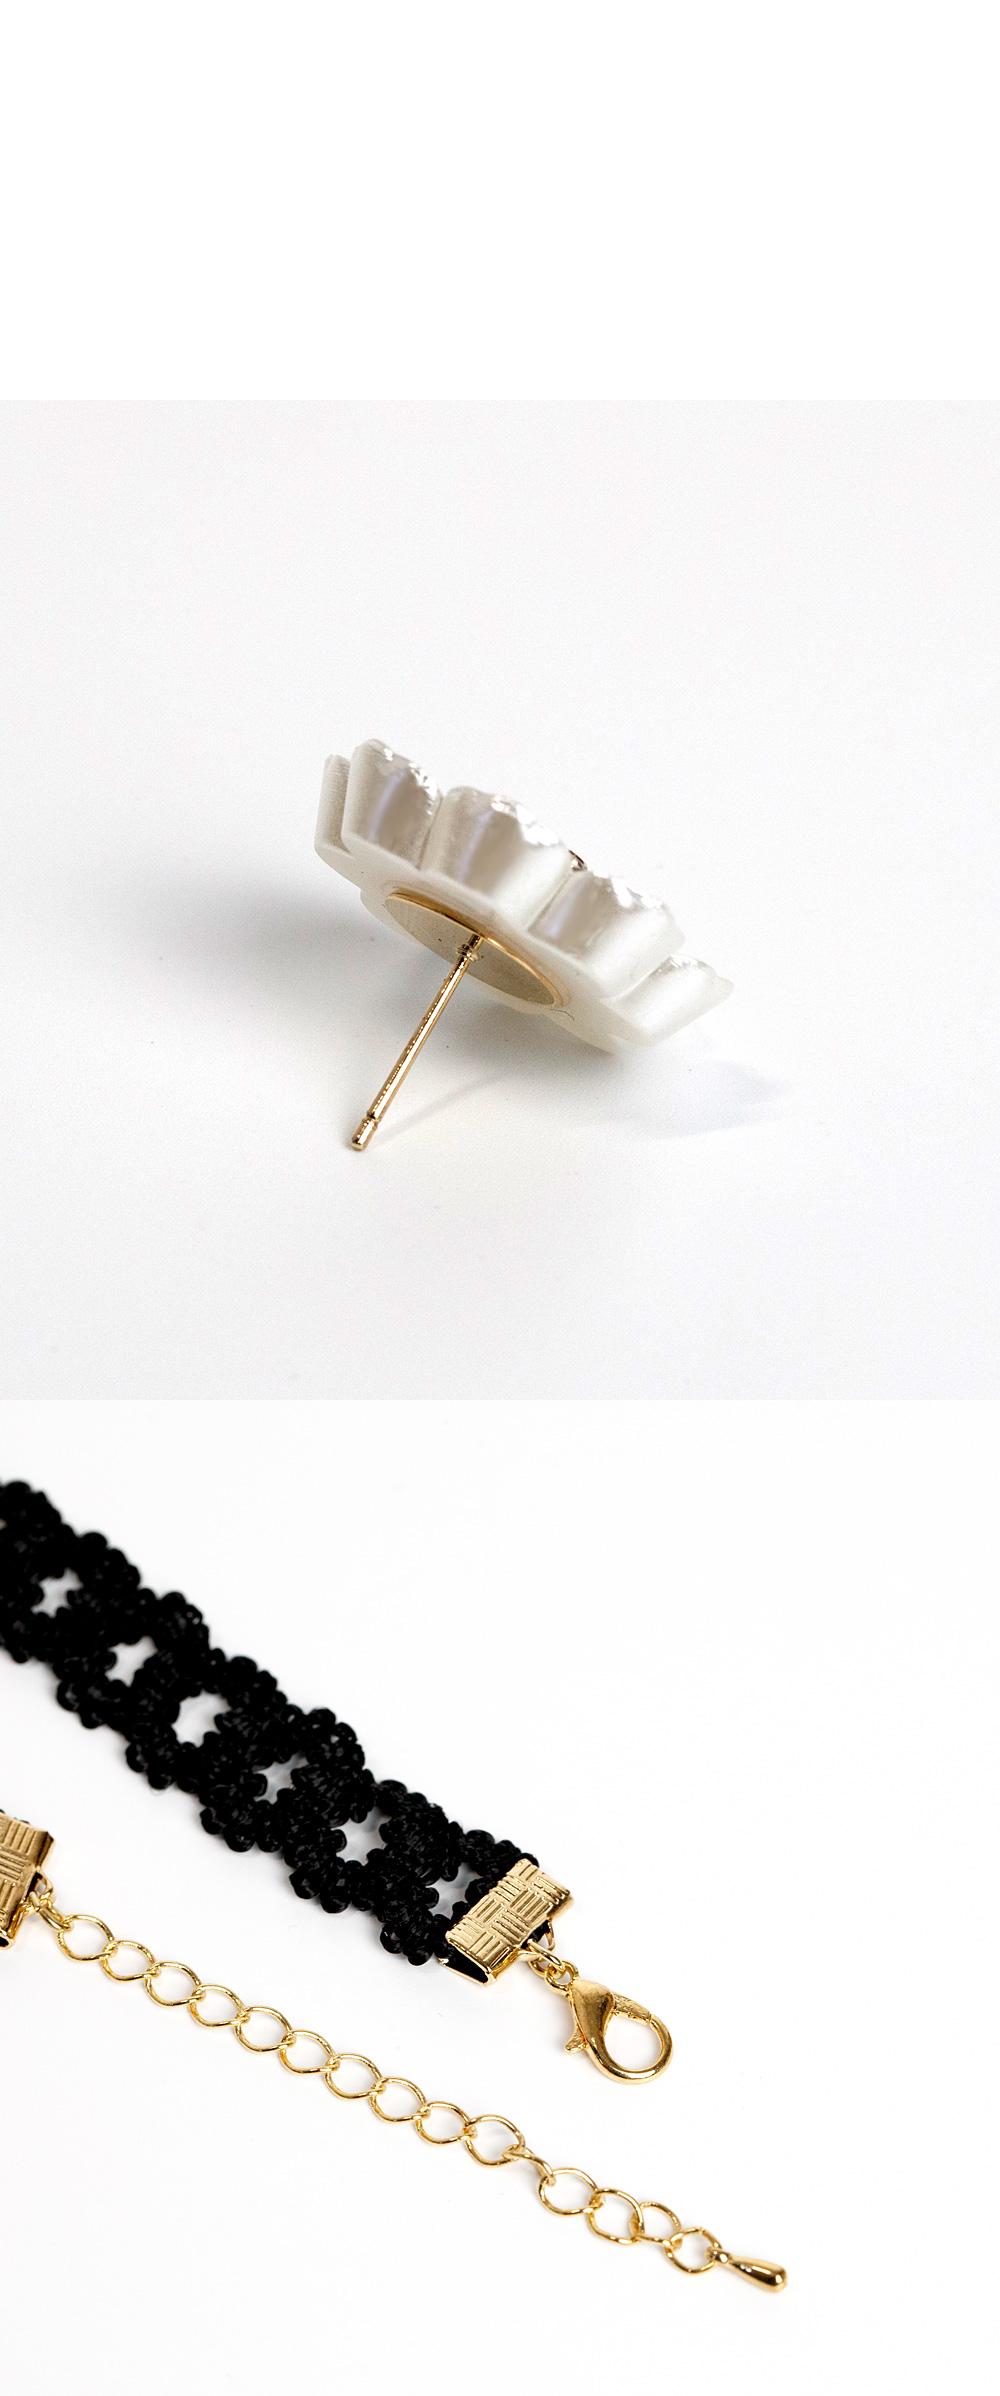 [귀걸이+목걸이] 리네 플라워 세트 - 폭스타일, 18,000원, 주얼리세트, 패션세트